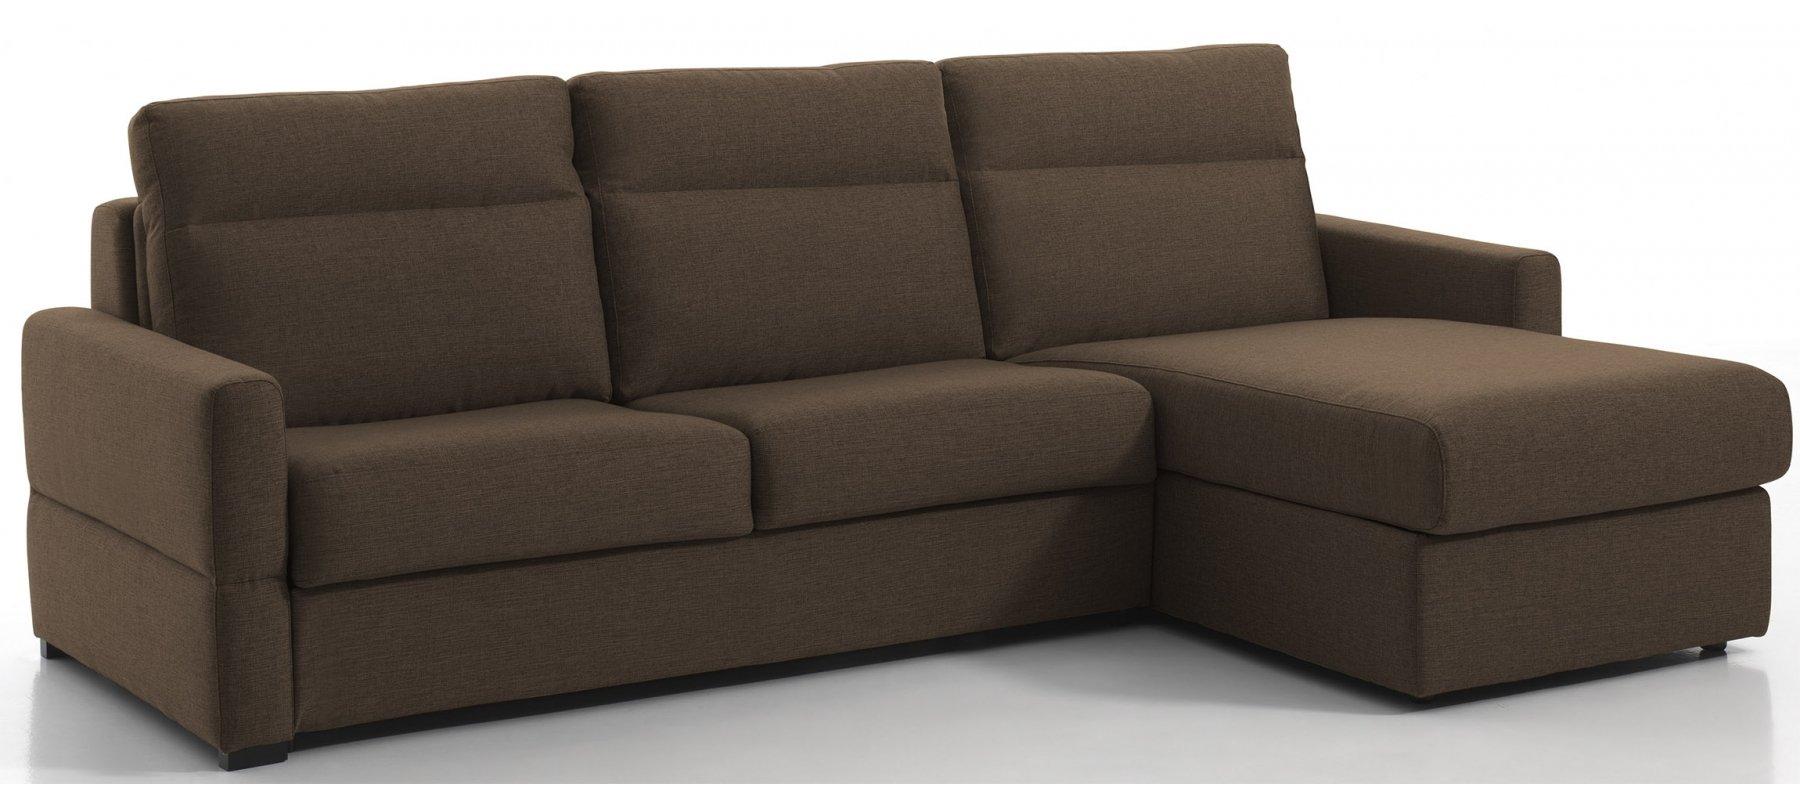 canap lit d 39 angle rapido avec m ridienne et coffre de rangement. Black Bedroom Furniture Sets. Home Design Ideas